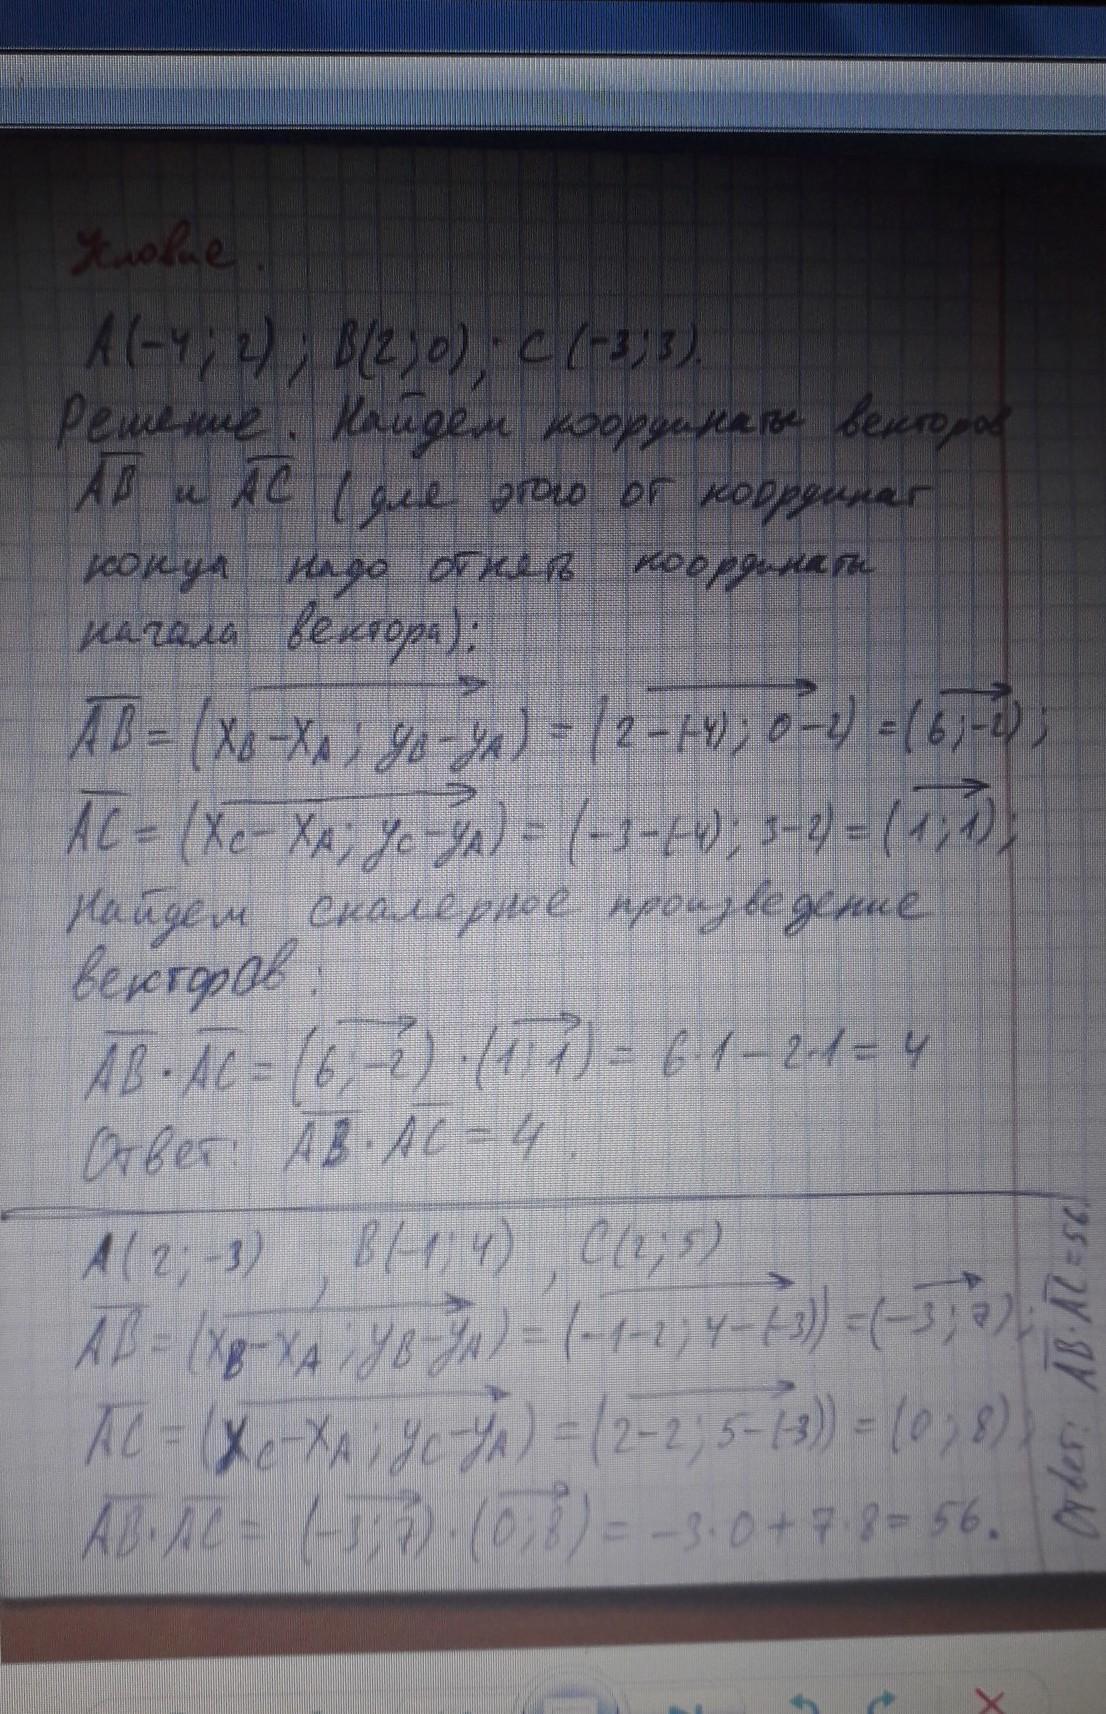 Вычислить скалярное произведение вектора AB и AC,